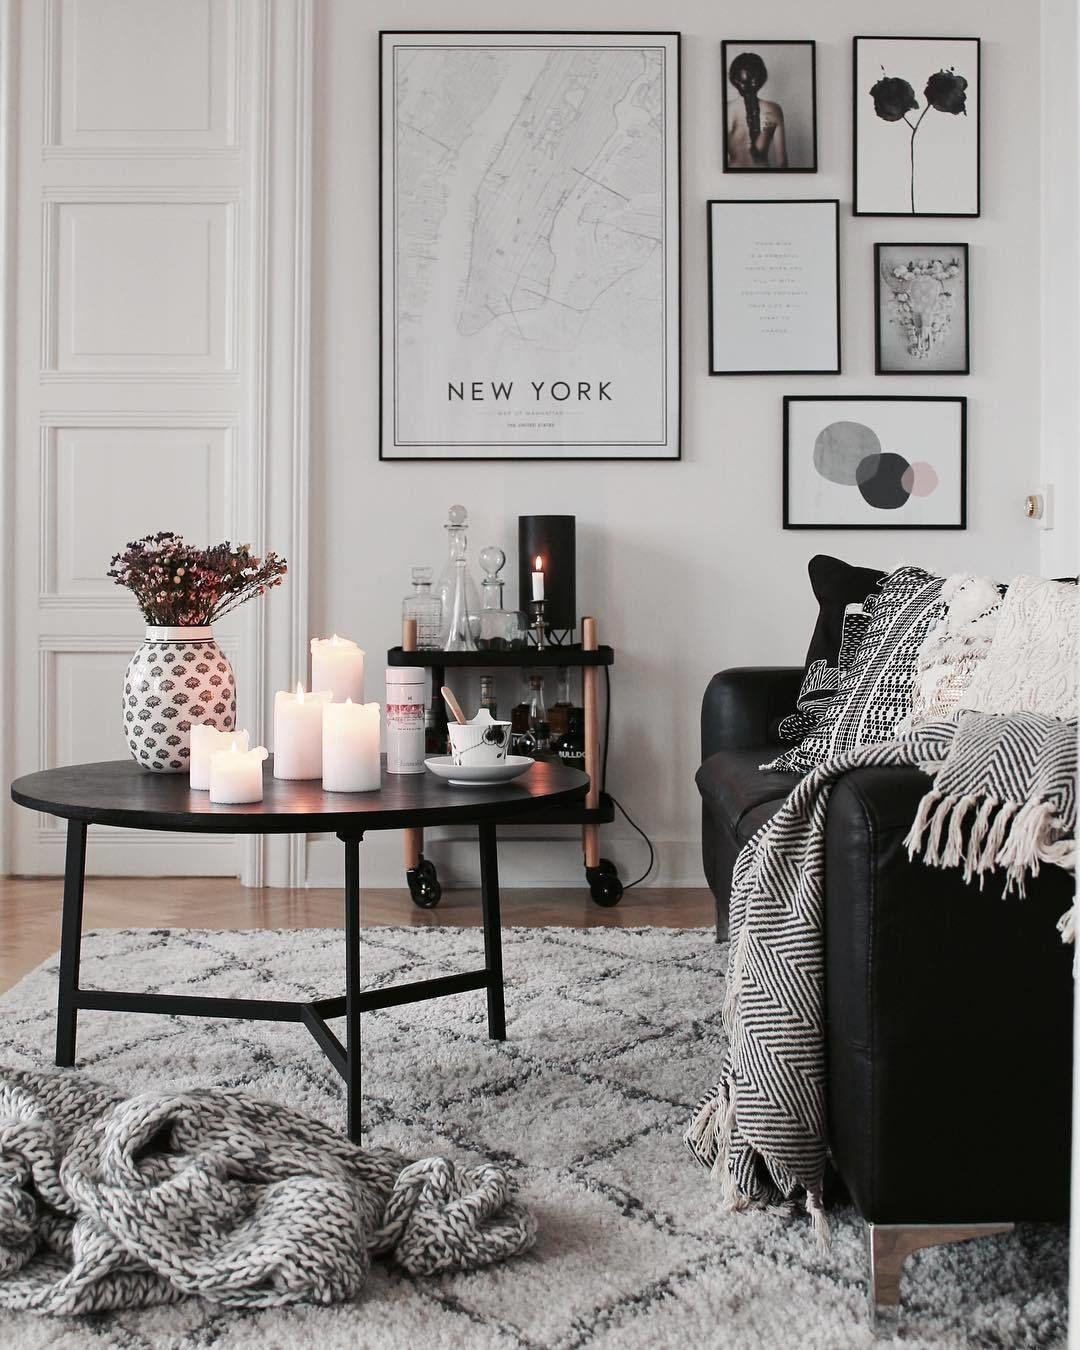 indretning bolig LOVE 721 Synes godt om, 10 kommentarer – Møbler, Indretning, Bolig  indretning bolig